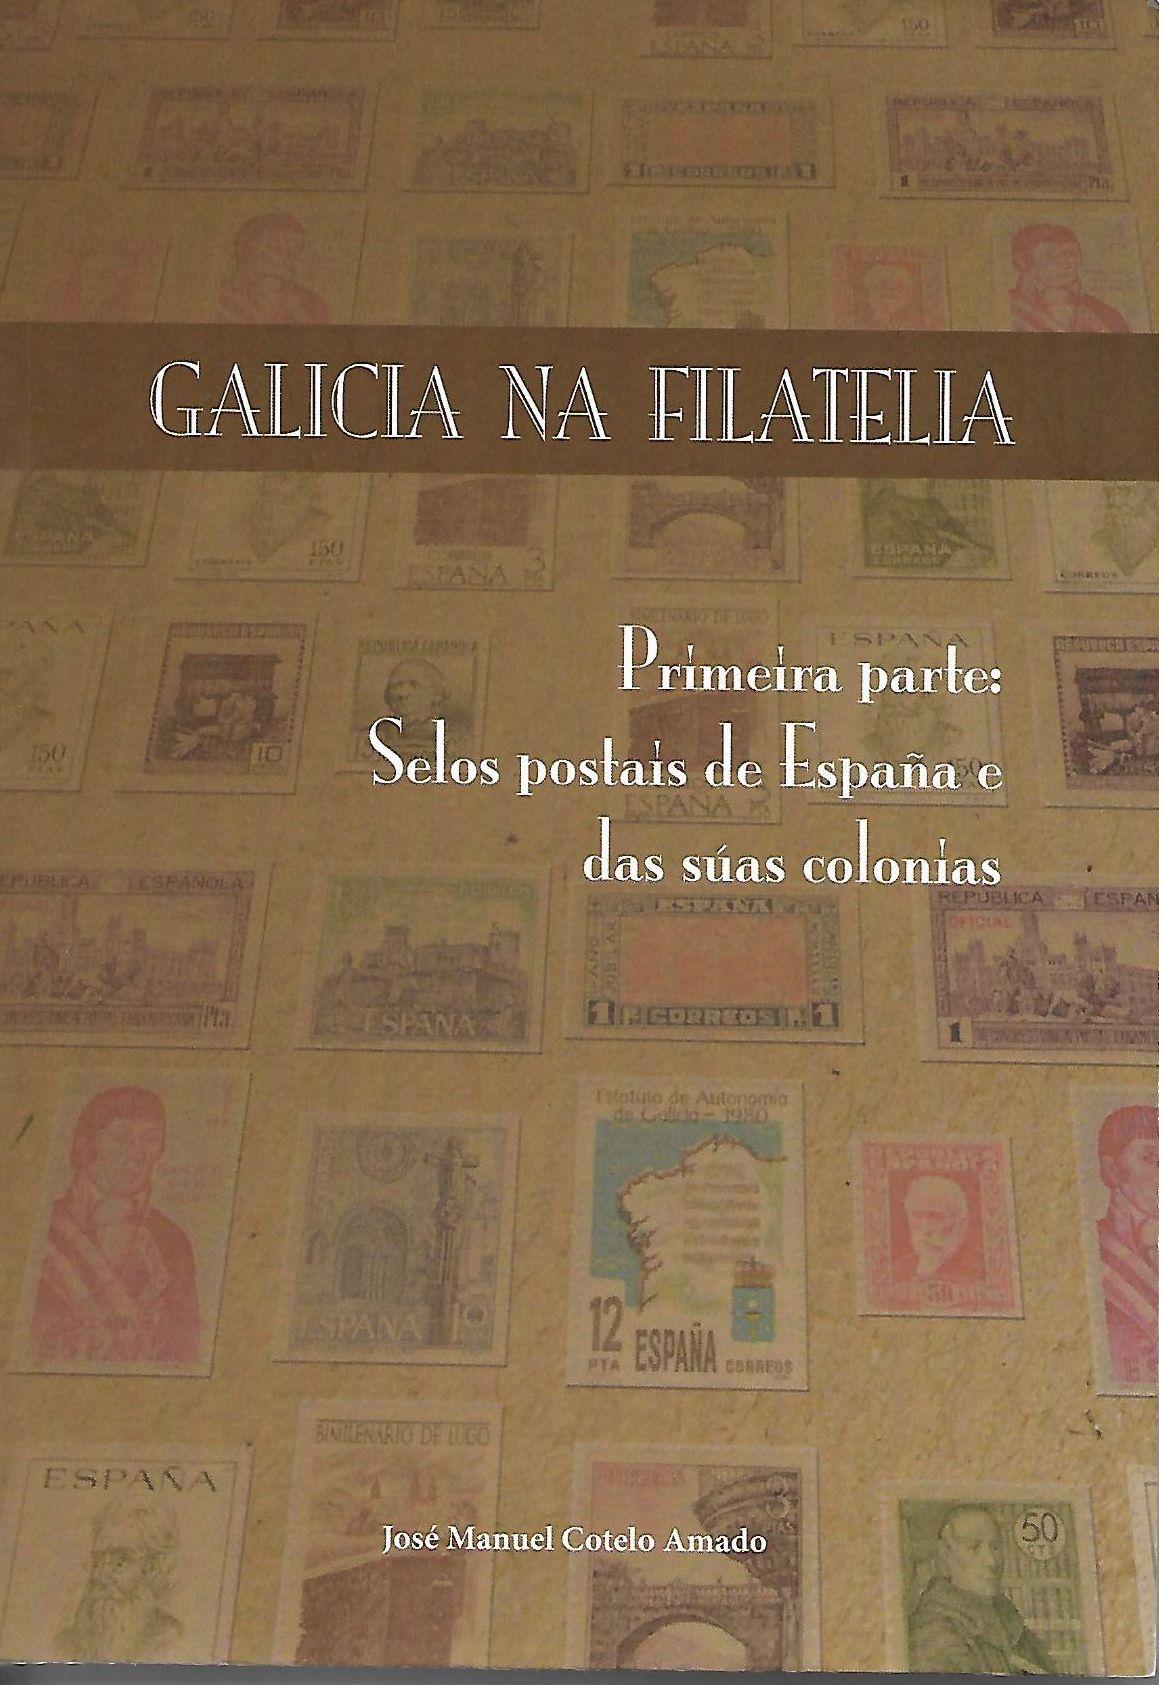 Galicia na Filatelia - Primeira Parte - Selos postais de España e das suas colonias